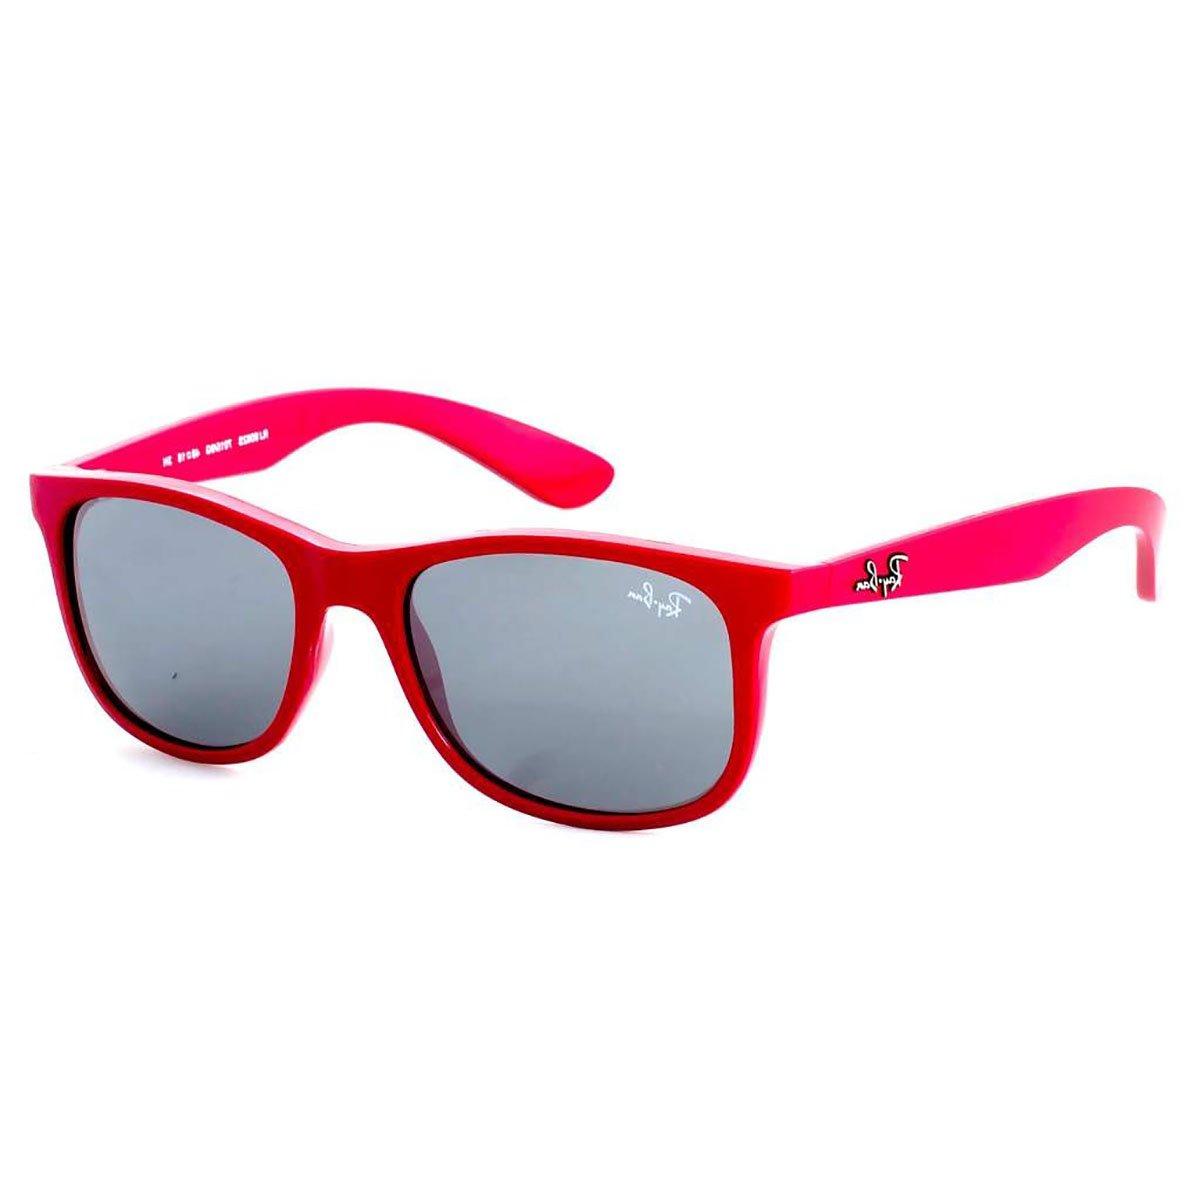 Compre Óculos de Sol Ray Ban New Wayfarer Infantil em 10X   Tri-Jóia Shop 4a2a0902d9